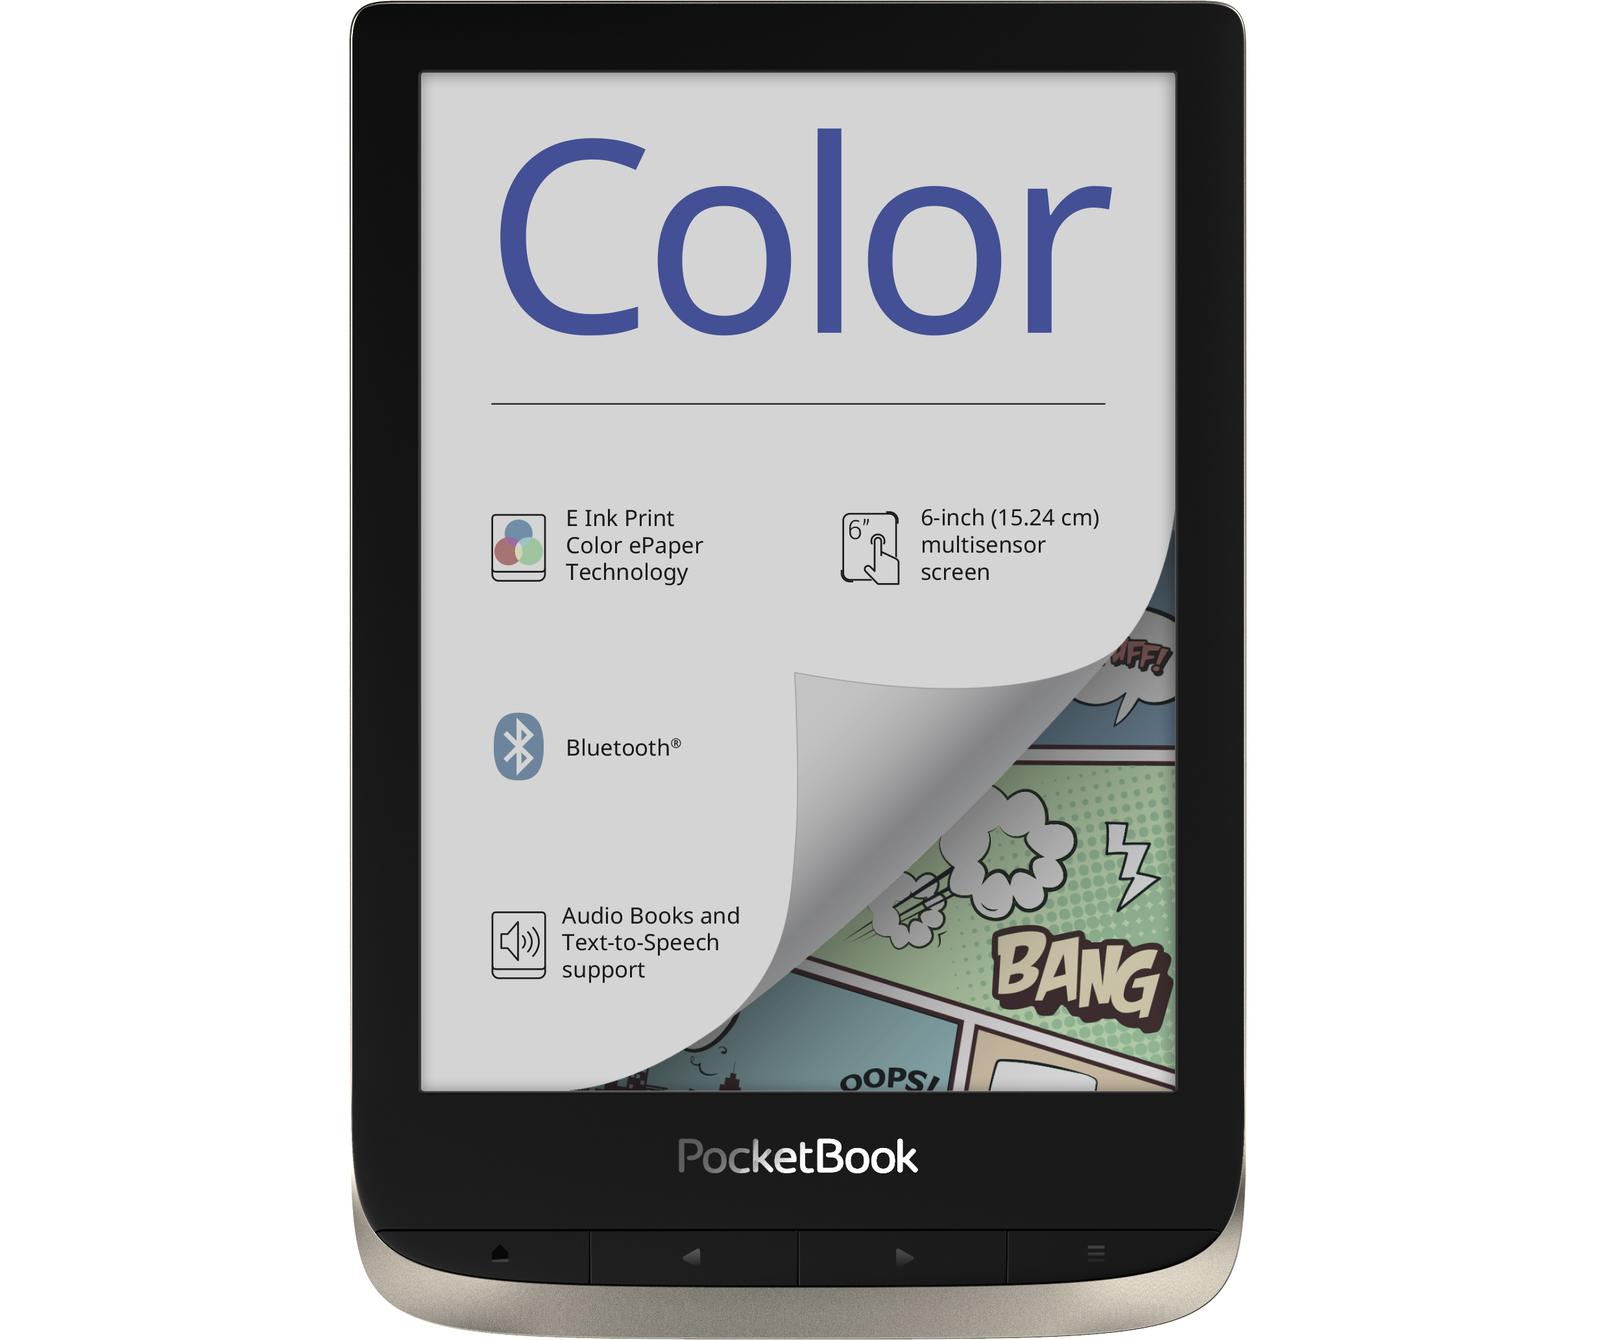 pocketbook czytnik e-booków z kolorowym ekranem